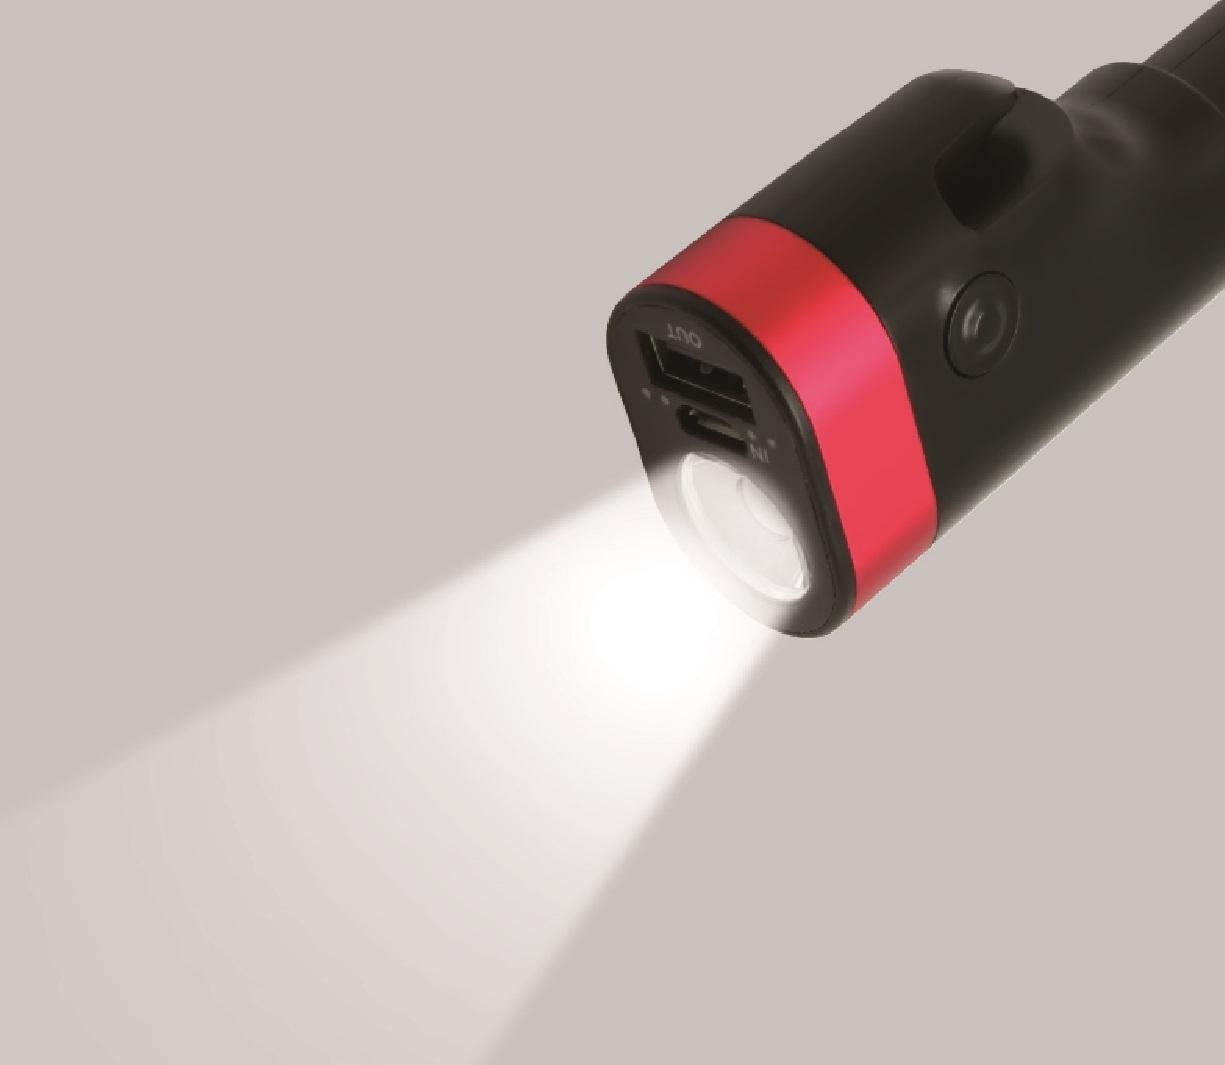 0161 ROCCO weiß, rot, Kenngröße: Signal SOS, Kenngröße: 6 in 1 Universal: Ja Notfallhammer 0161 günstig kaufen